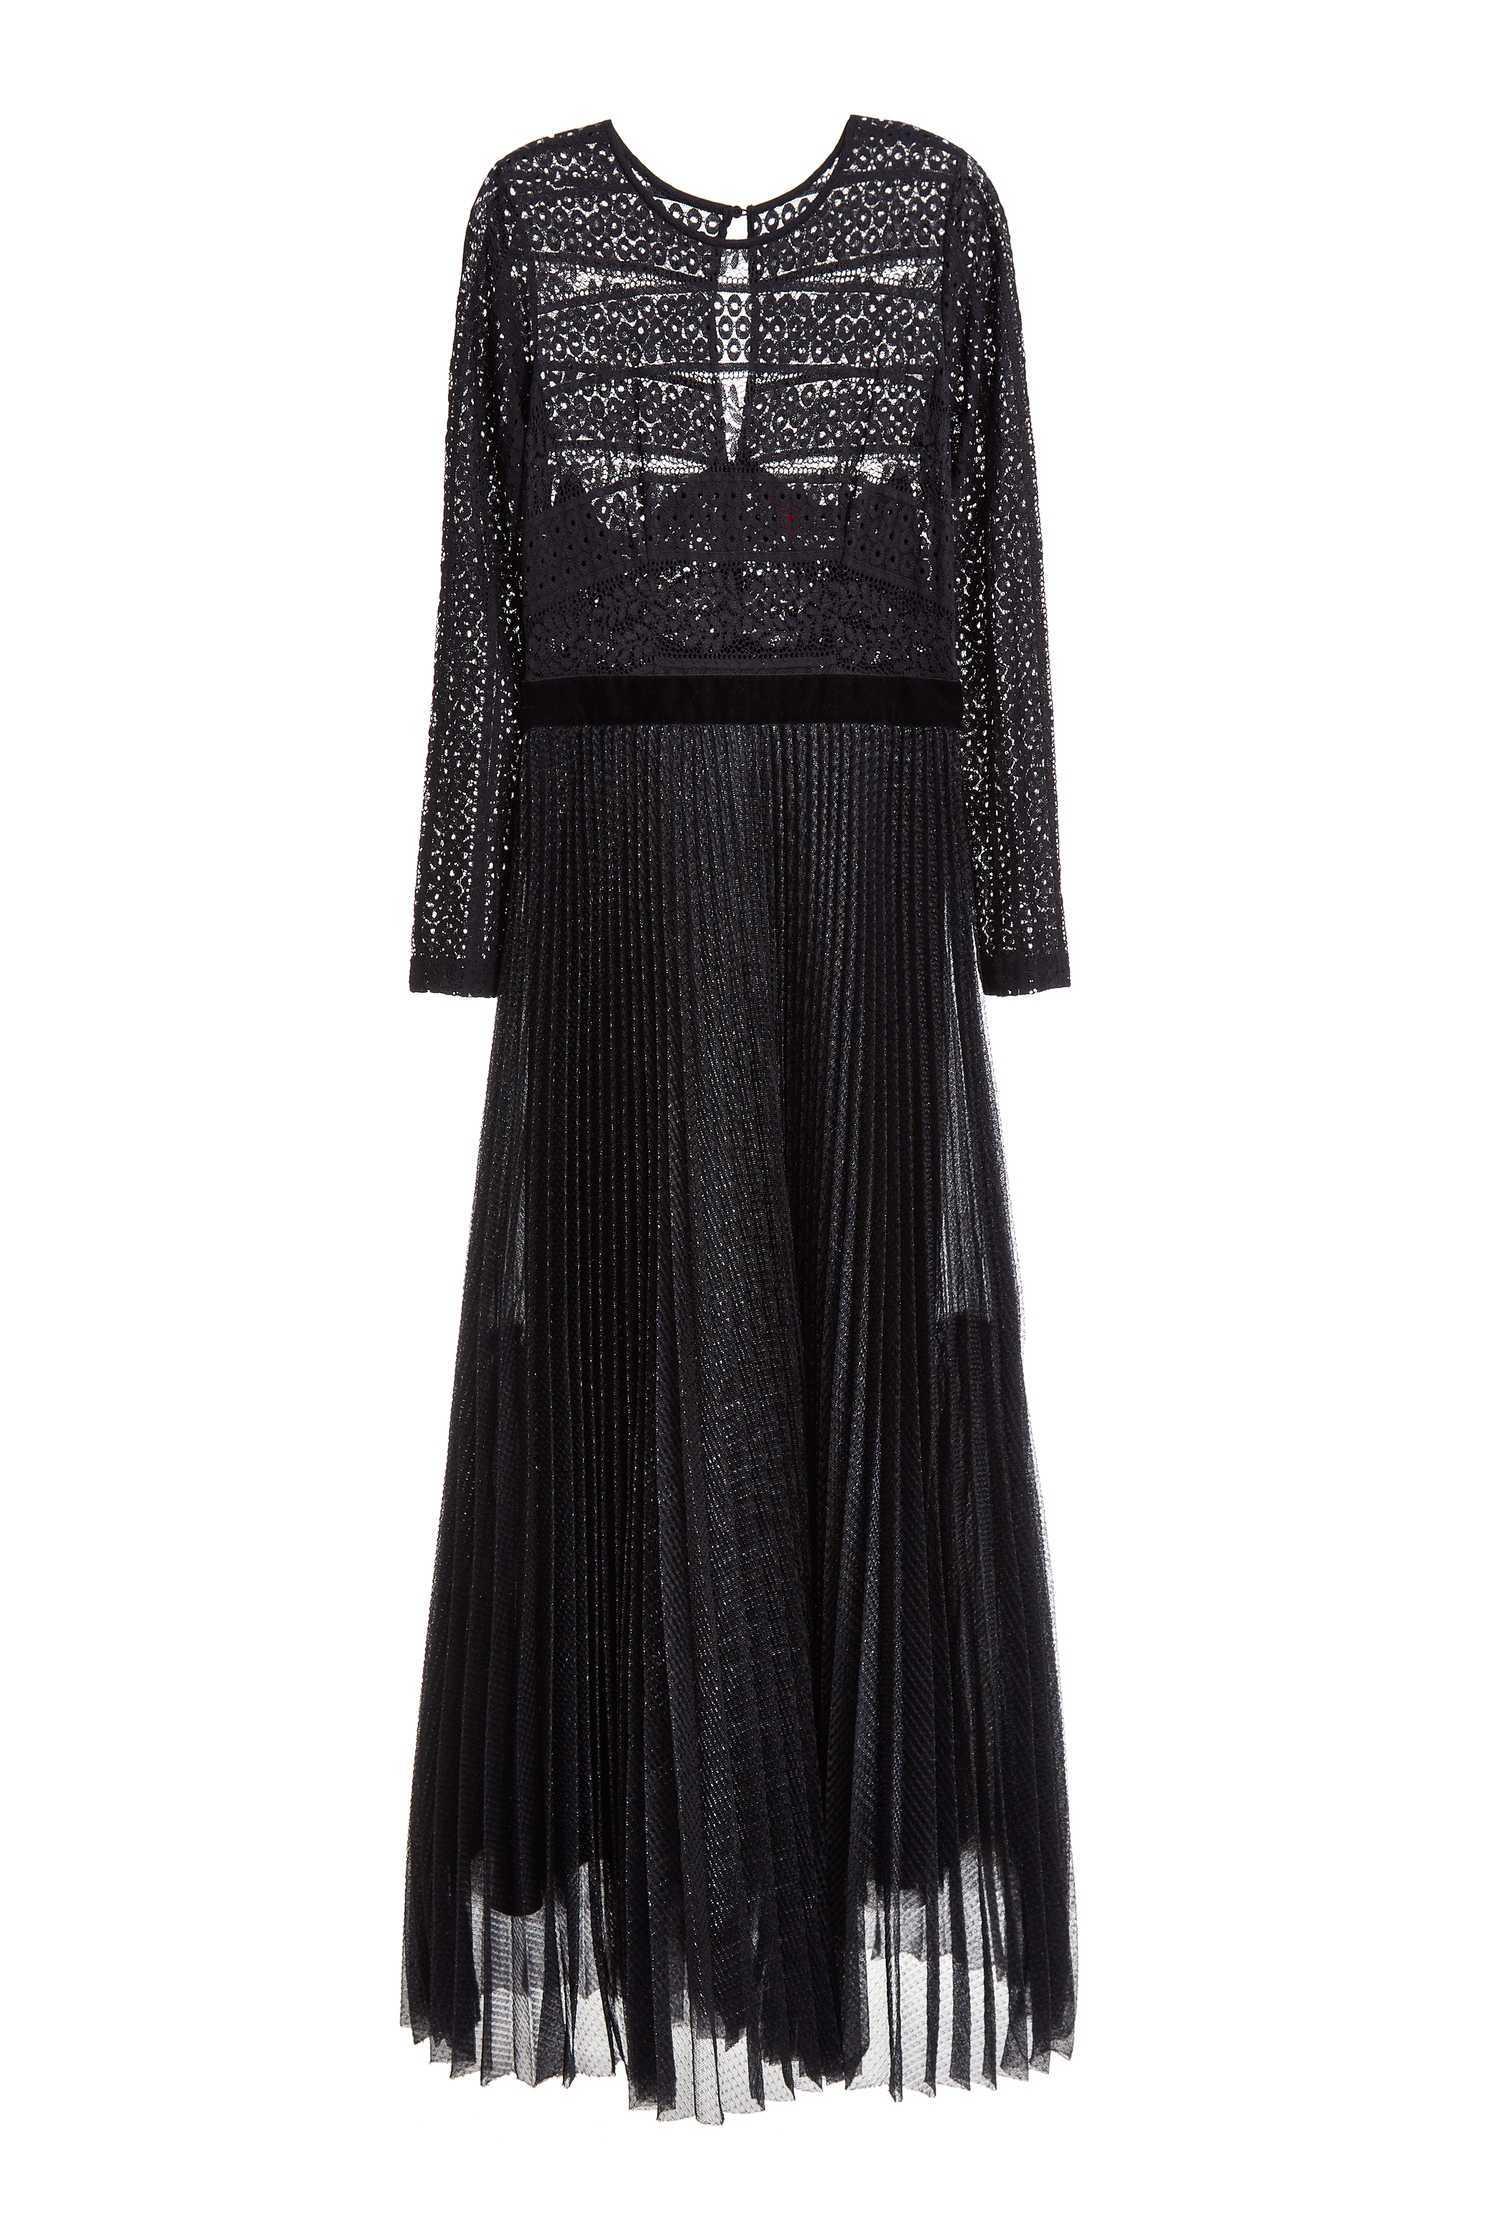 Elegant and gorgeous dress,cocktaildress,eveningwear,lace,lacedress,perspectivedress,longsleevedress,blackdress